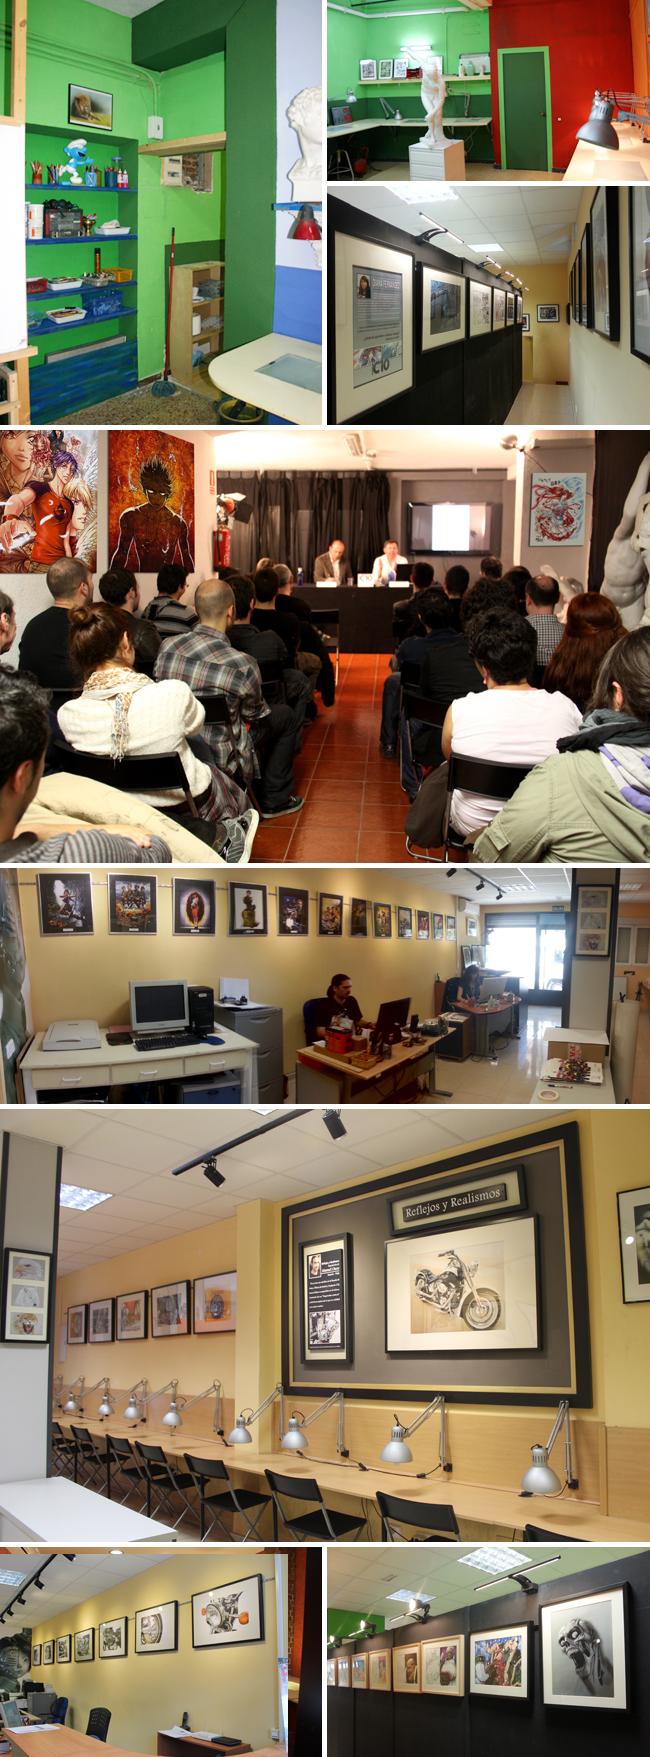 Academia C10-aulas de dibujo-comic-ilustracion-aerografia-dibujo digital-manga-fx maquillaje-3